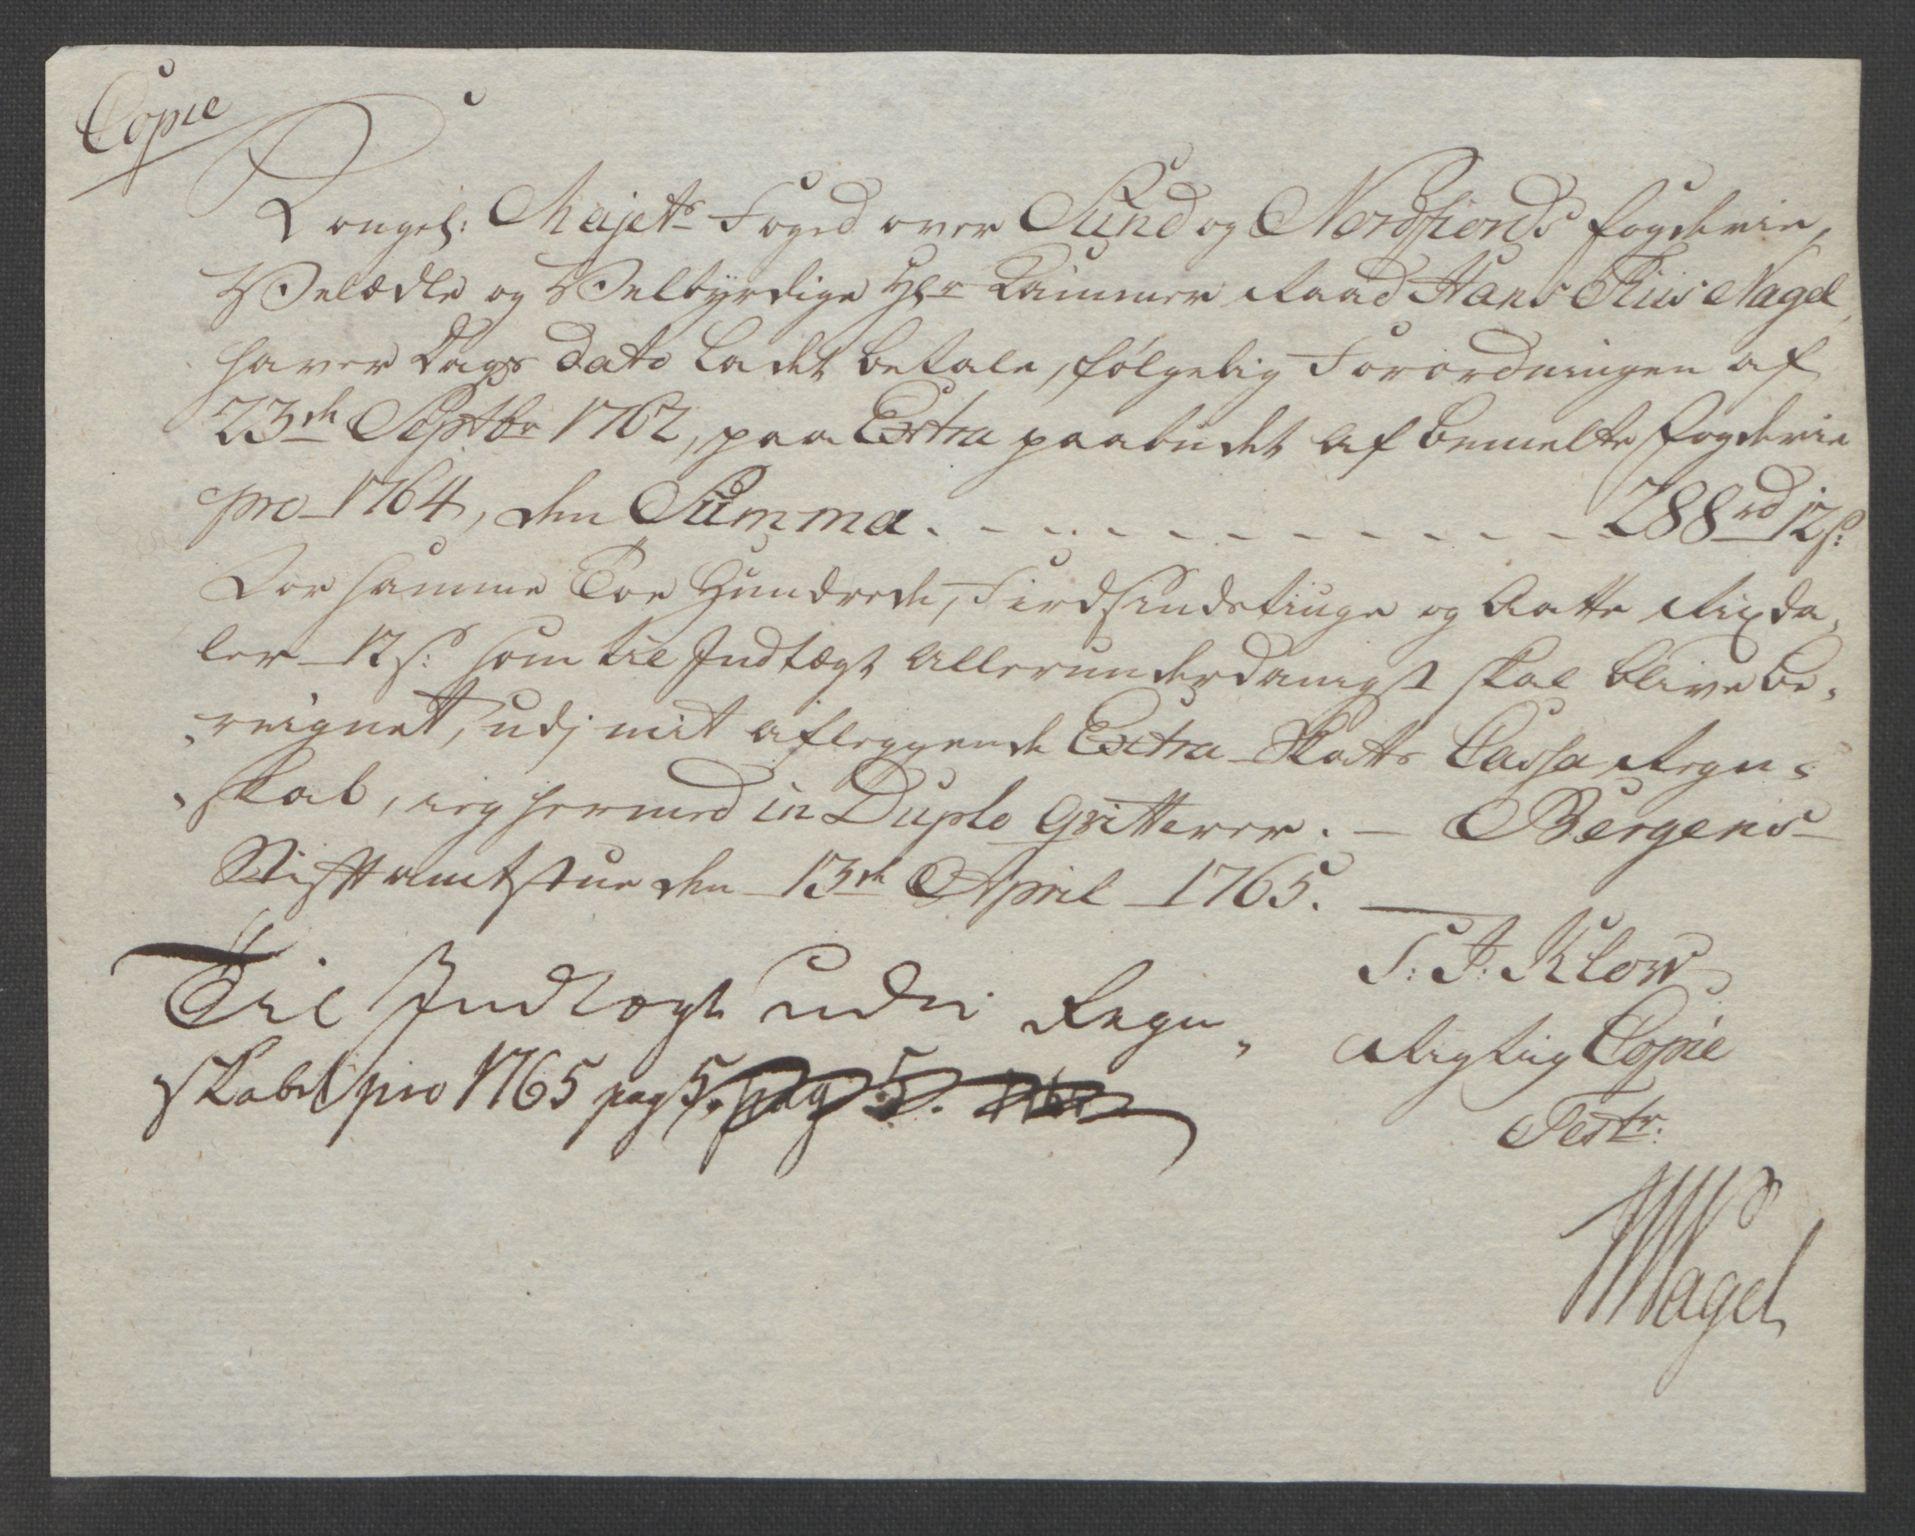 RA, Rentekammeret inntil 1814, Reviderte regnskaper, Fogderegnskap, R53/L3550: Ekstraskatten Sunn- og Nordfjord, 1762-1771, s. 134